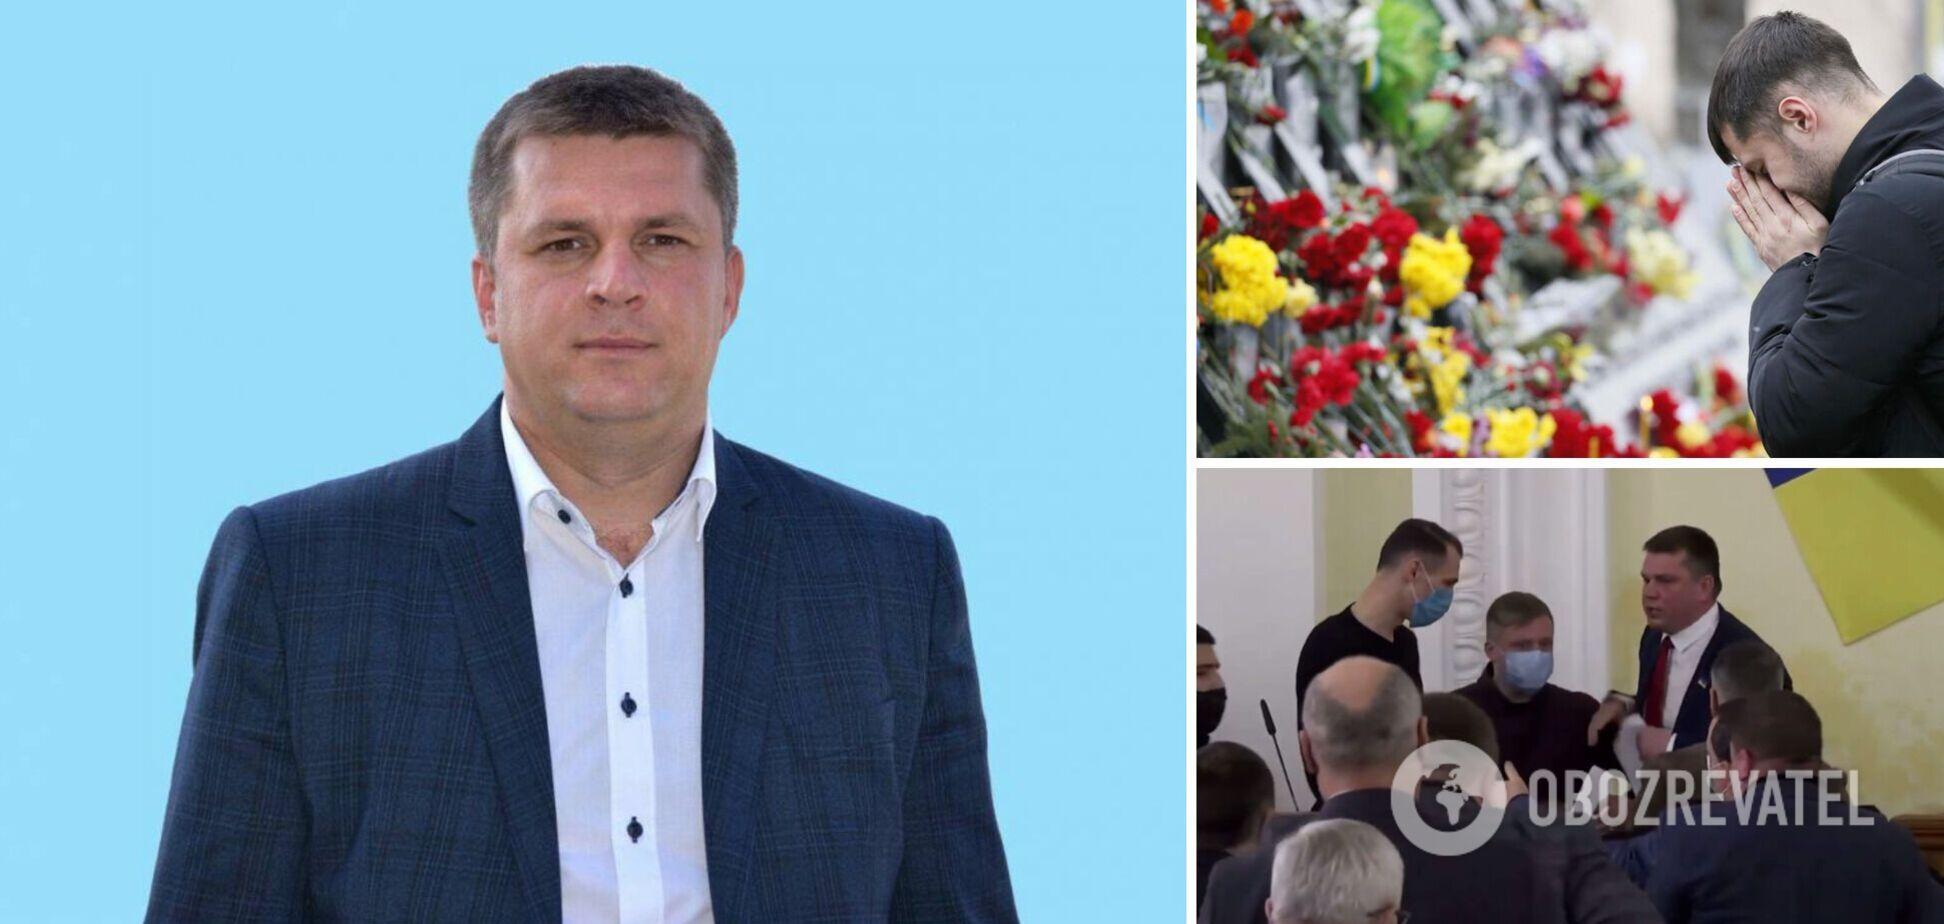 Депутат Харьковского горсовета от ОПЗЖ Андрей Лесик